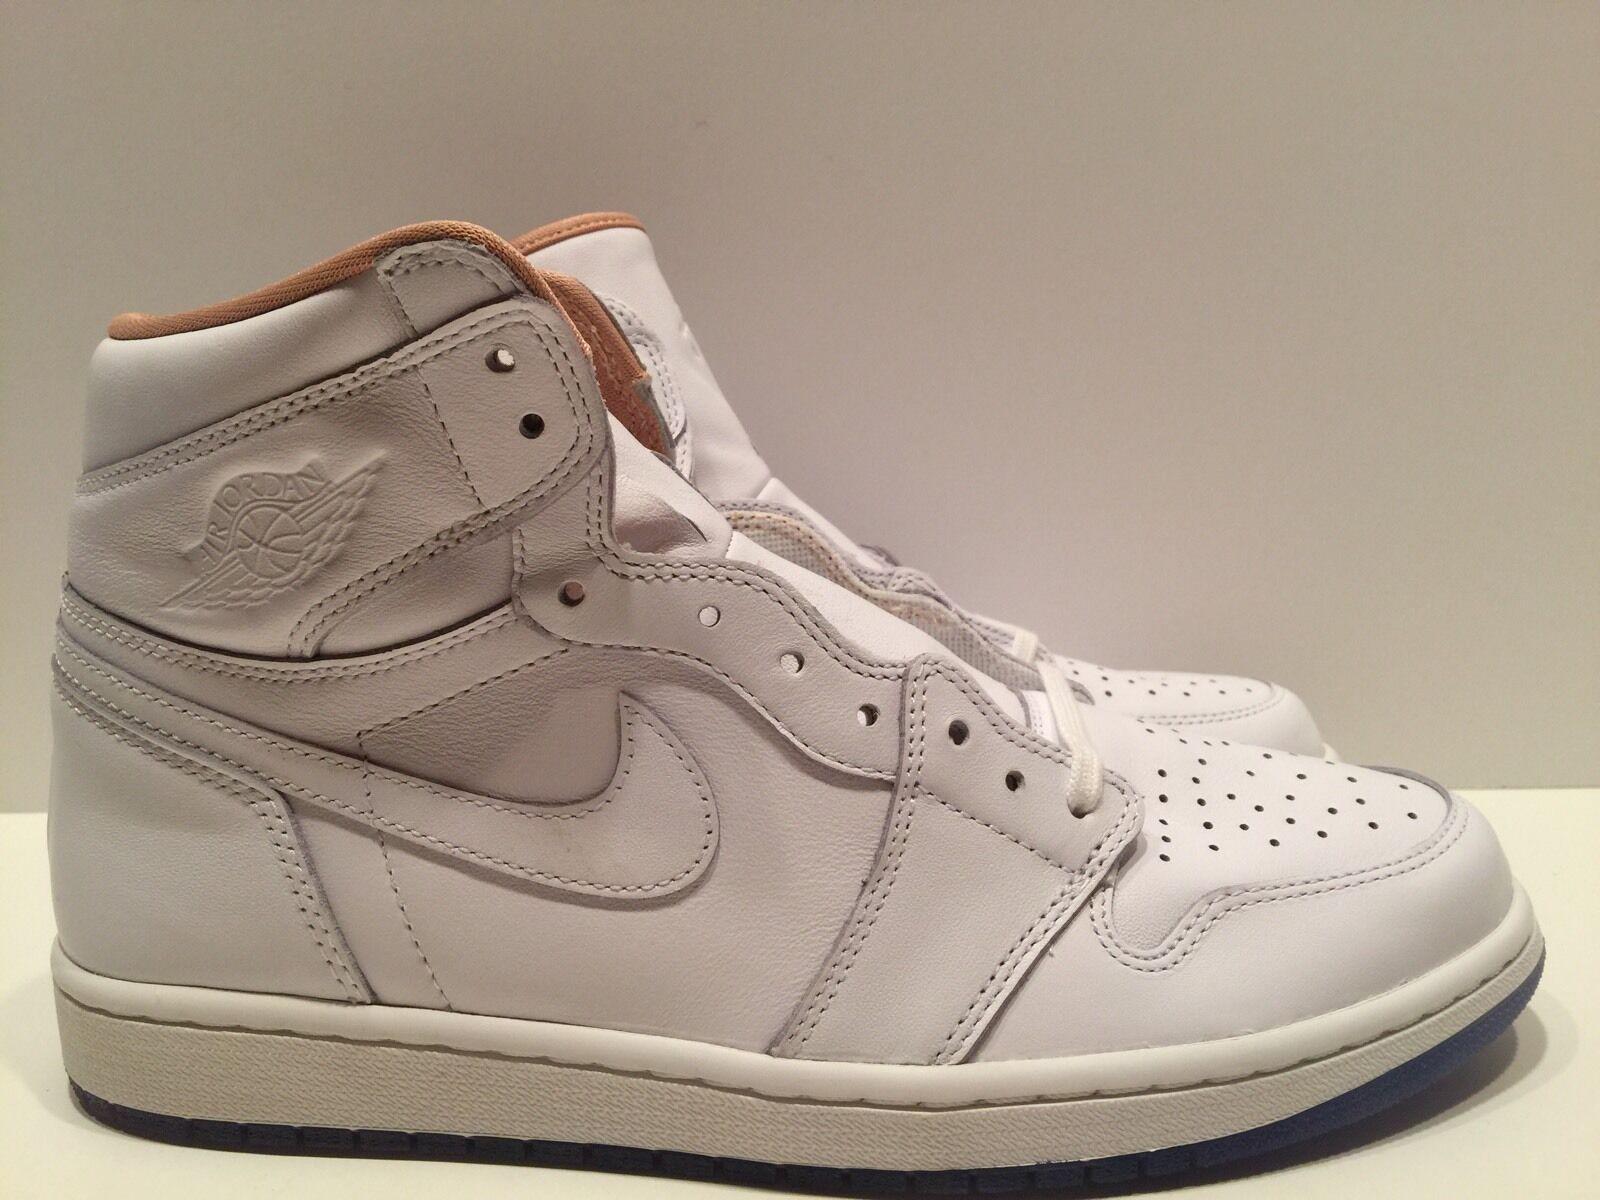 Nike air jordan 1 'alta la los angeles white premio 819012 130 sz 11